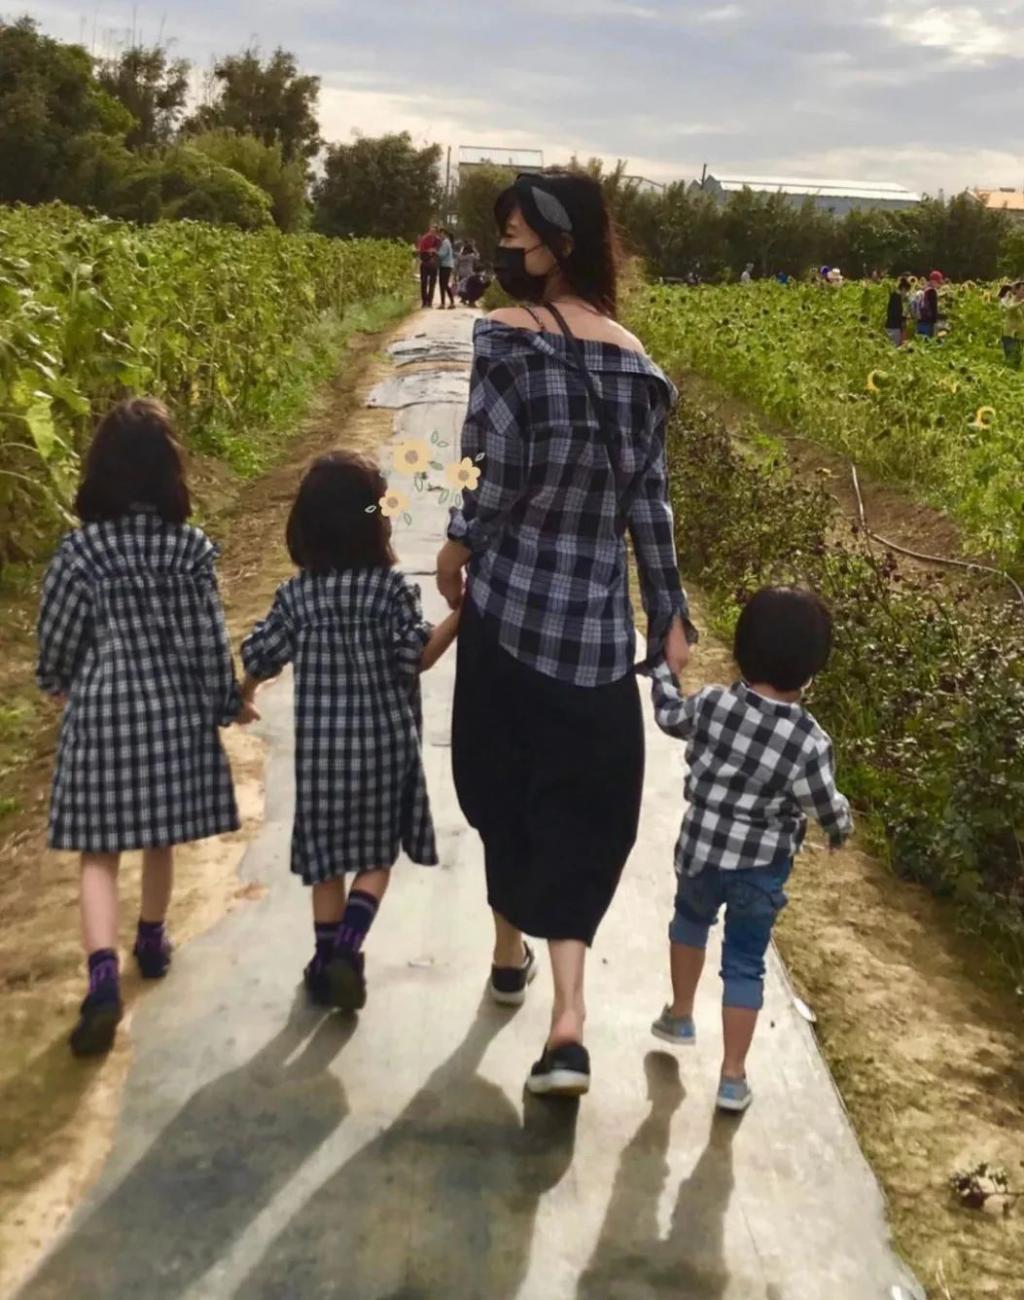 婚变是真的?搭上白月光,3 个孩子都不要了?